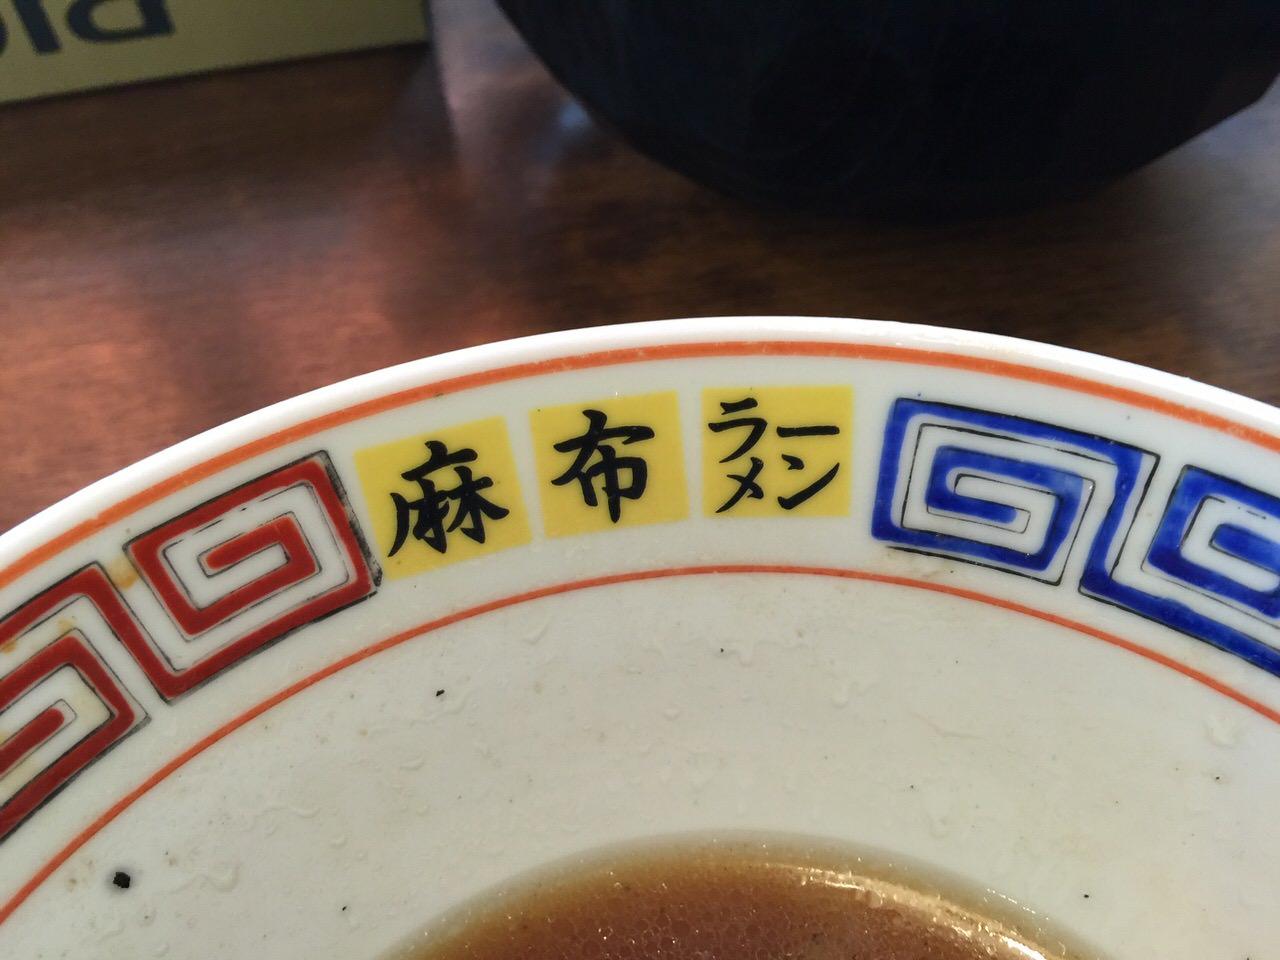 田町の「麻布ラーメン」で懐かしい感じの醤油ラーメンを食べた